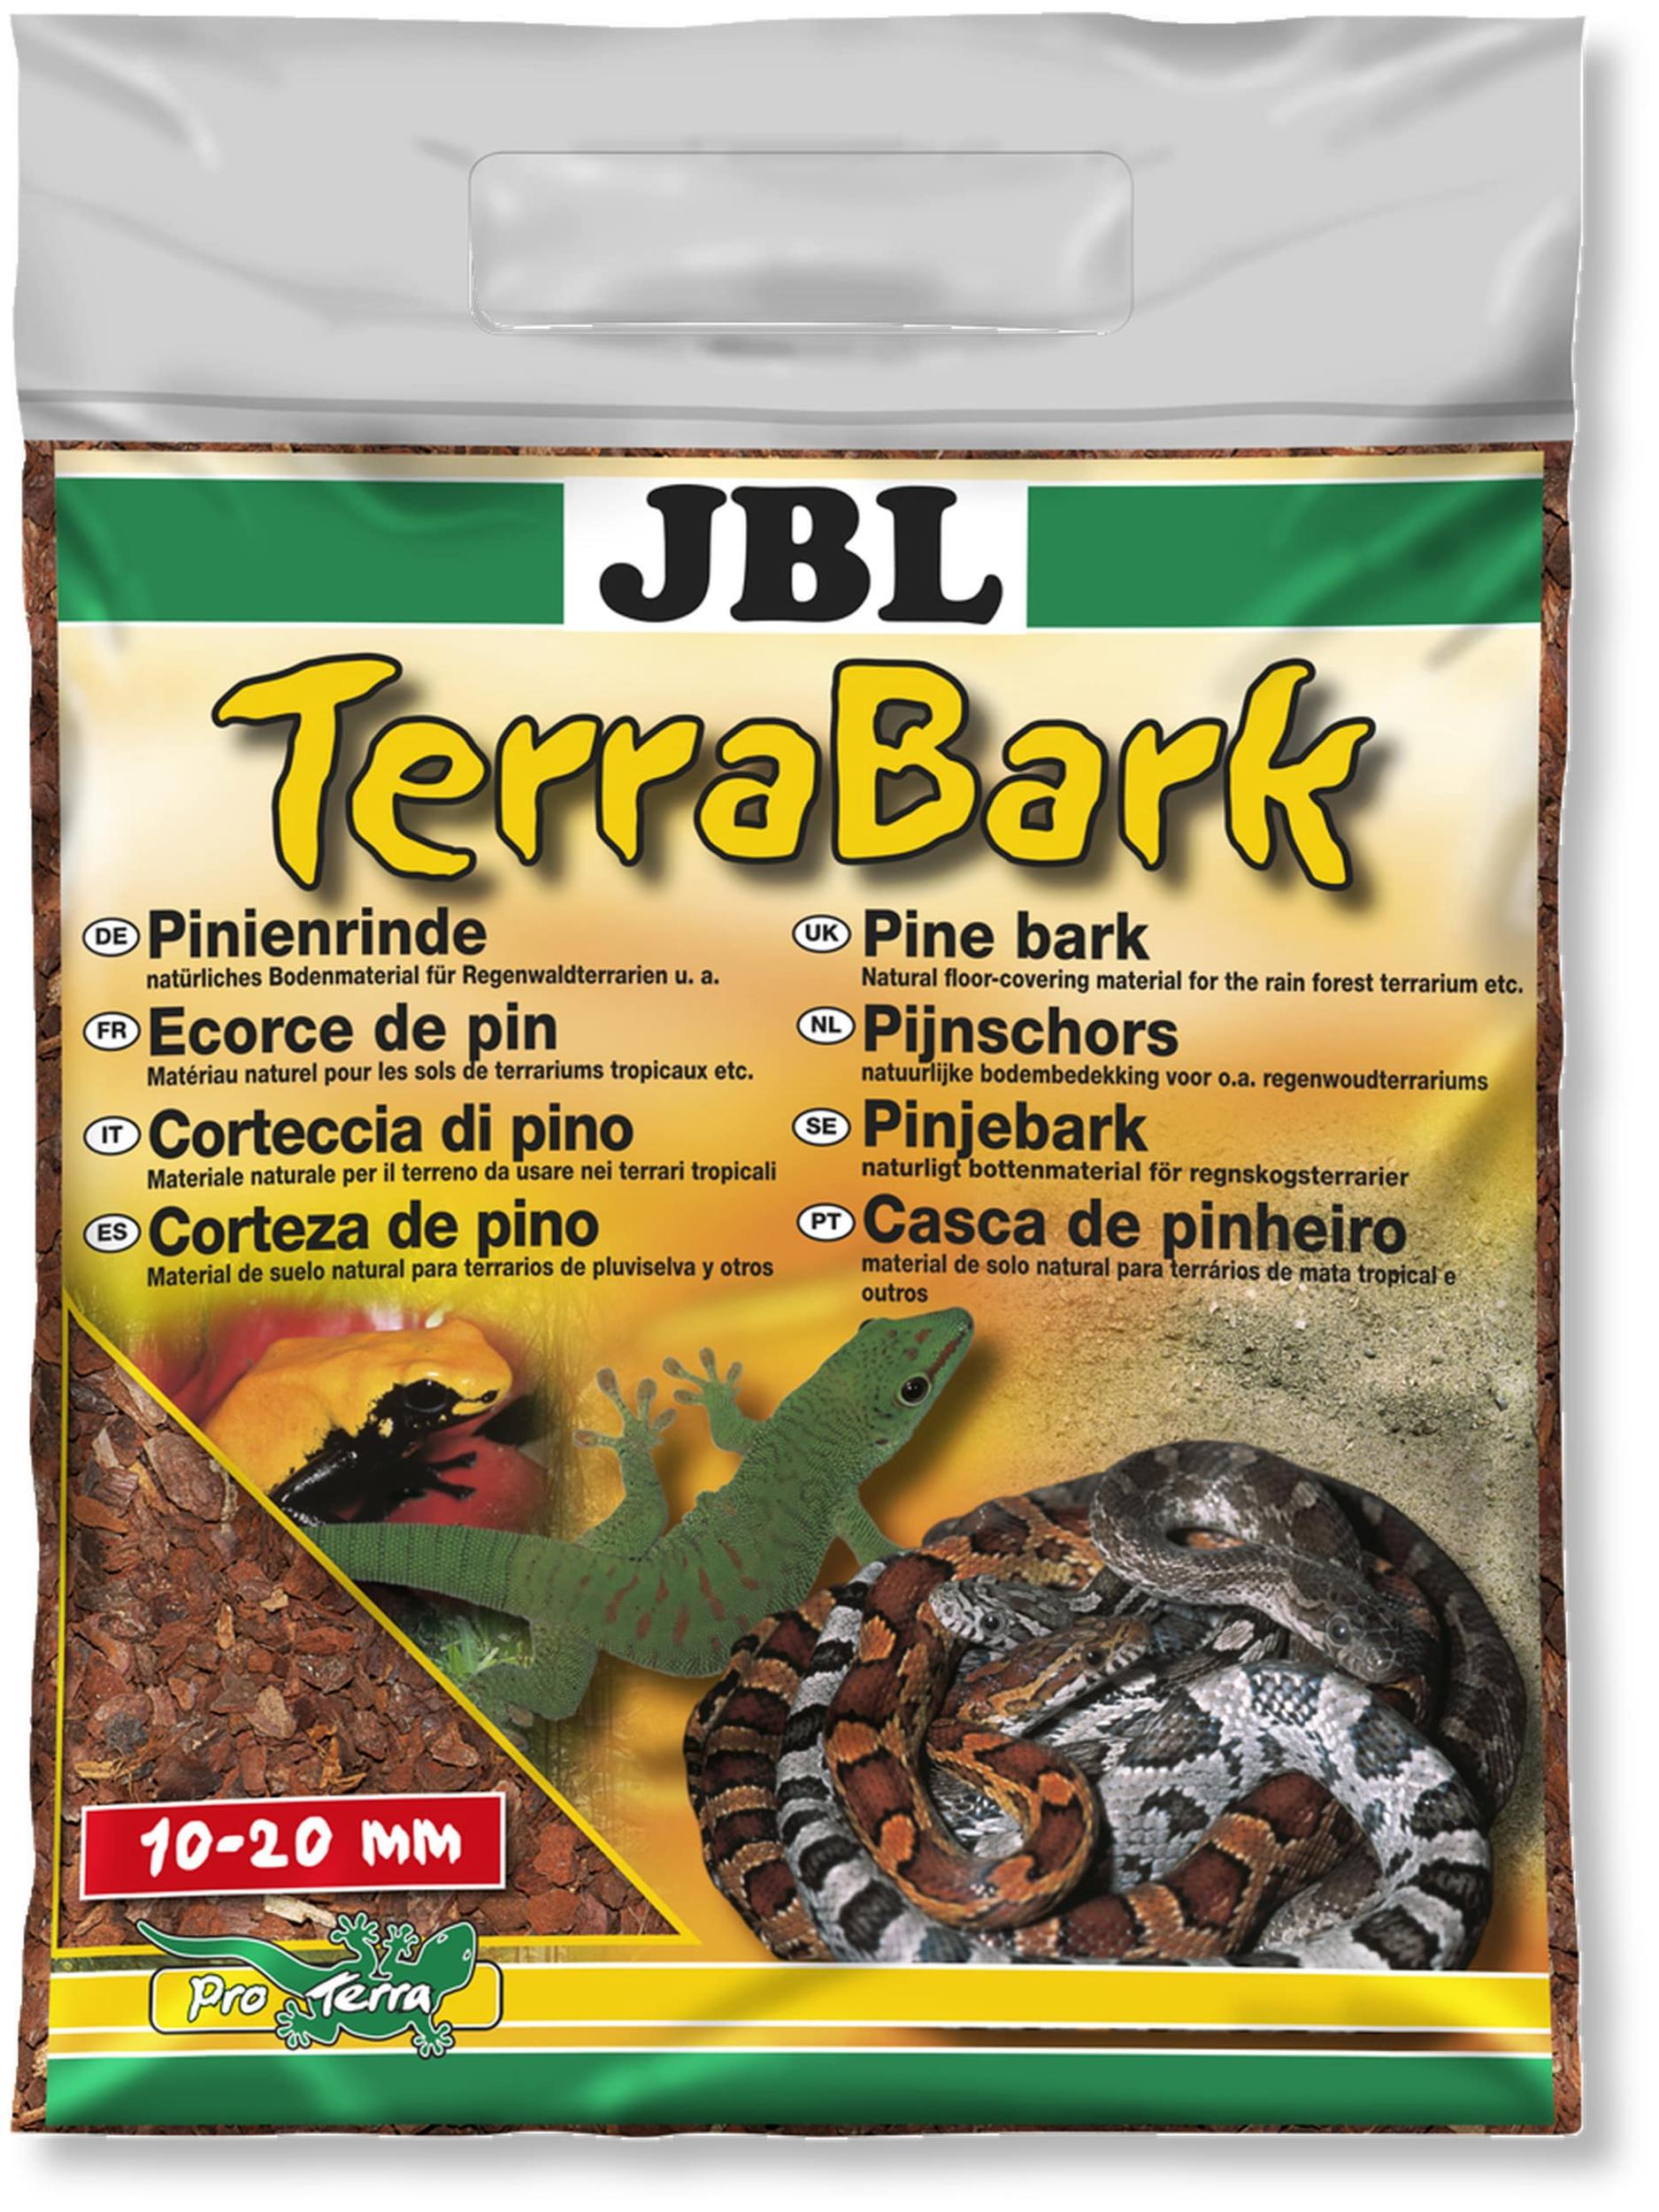 jbl-terrabark-5l-substrat-d-ecorces-de-pins-10-a-20-mm-pour-les-terrariums-de-foret-et-de-foret-tropicale-min